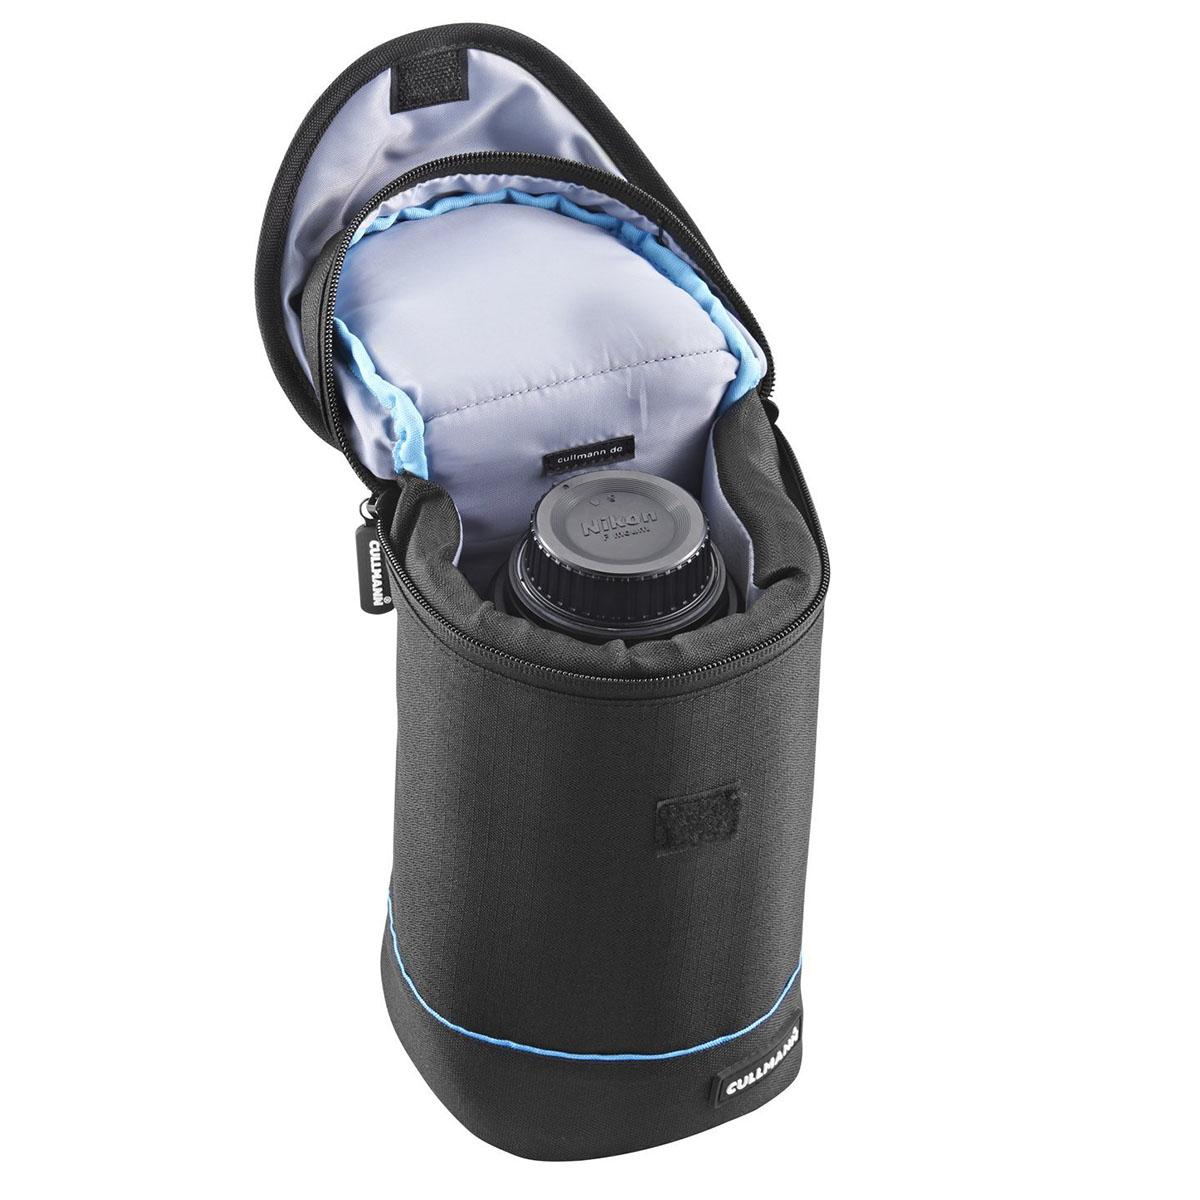 کیف لنز ULTRALIGHT Pro Lens 400 کولمن